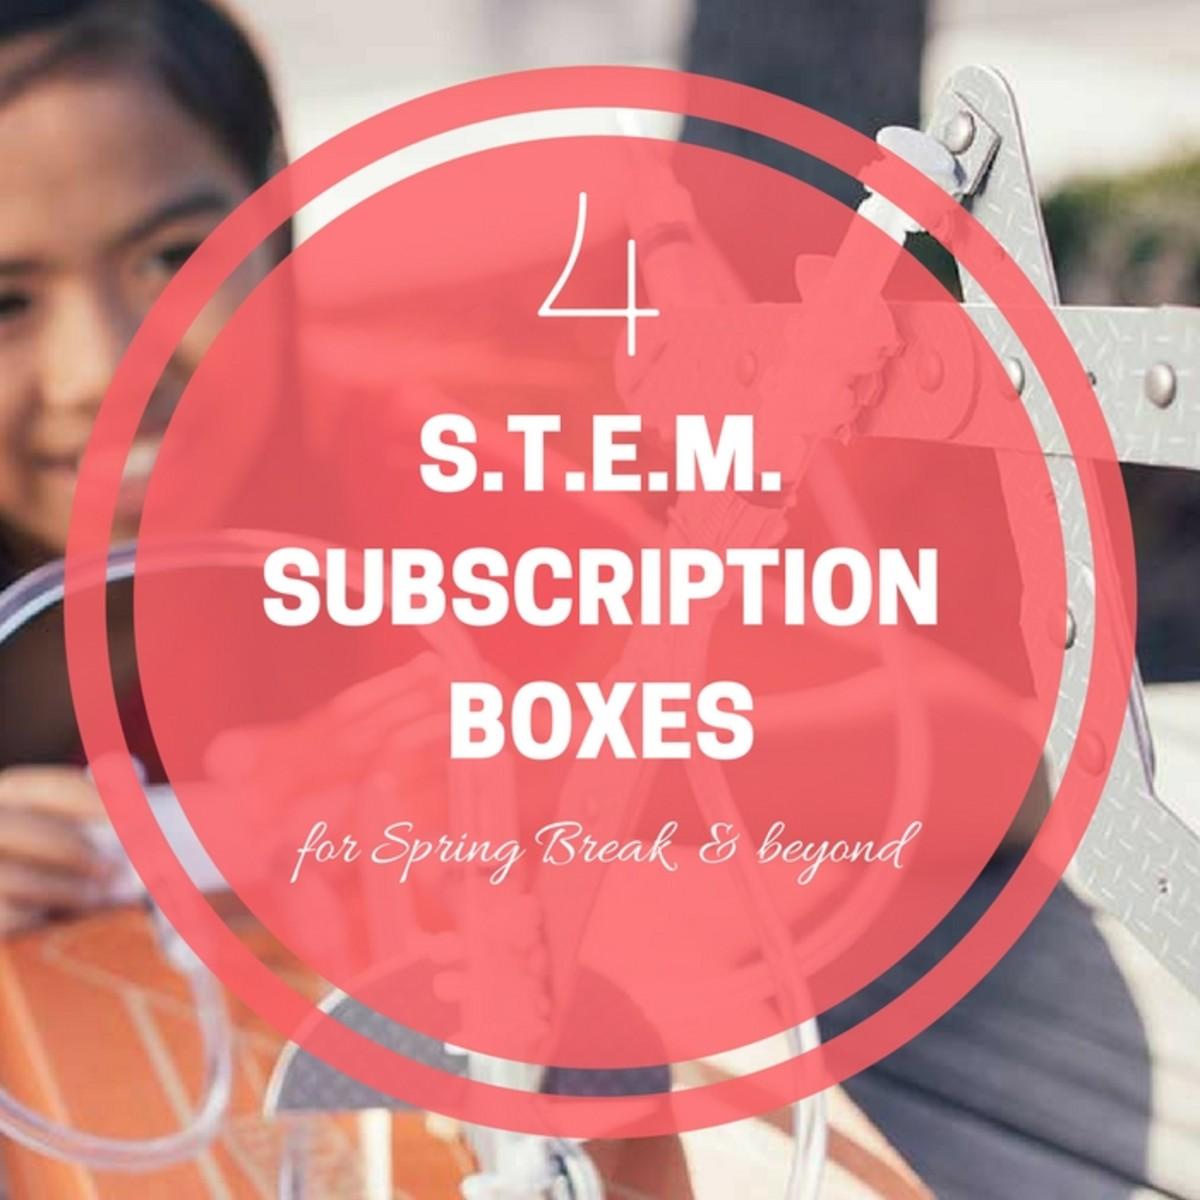 S.T.E.M. SUBSCRIPTION BOXES